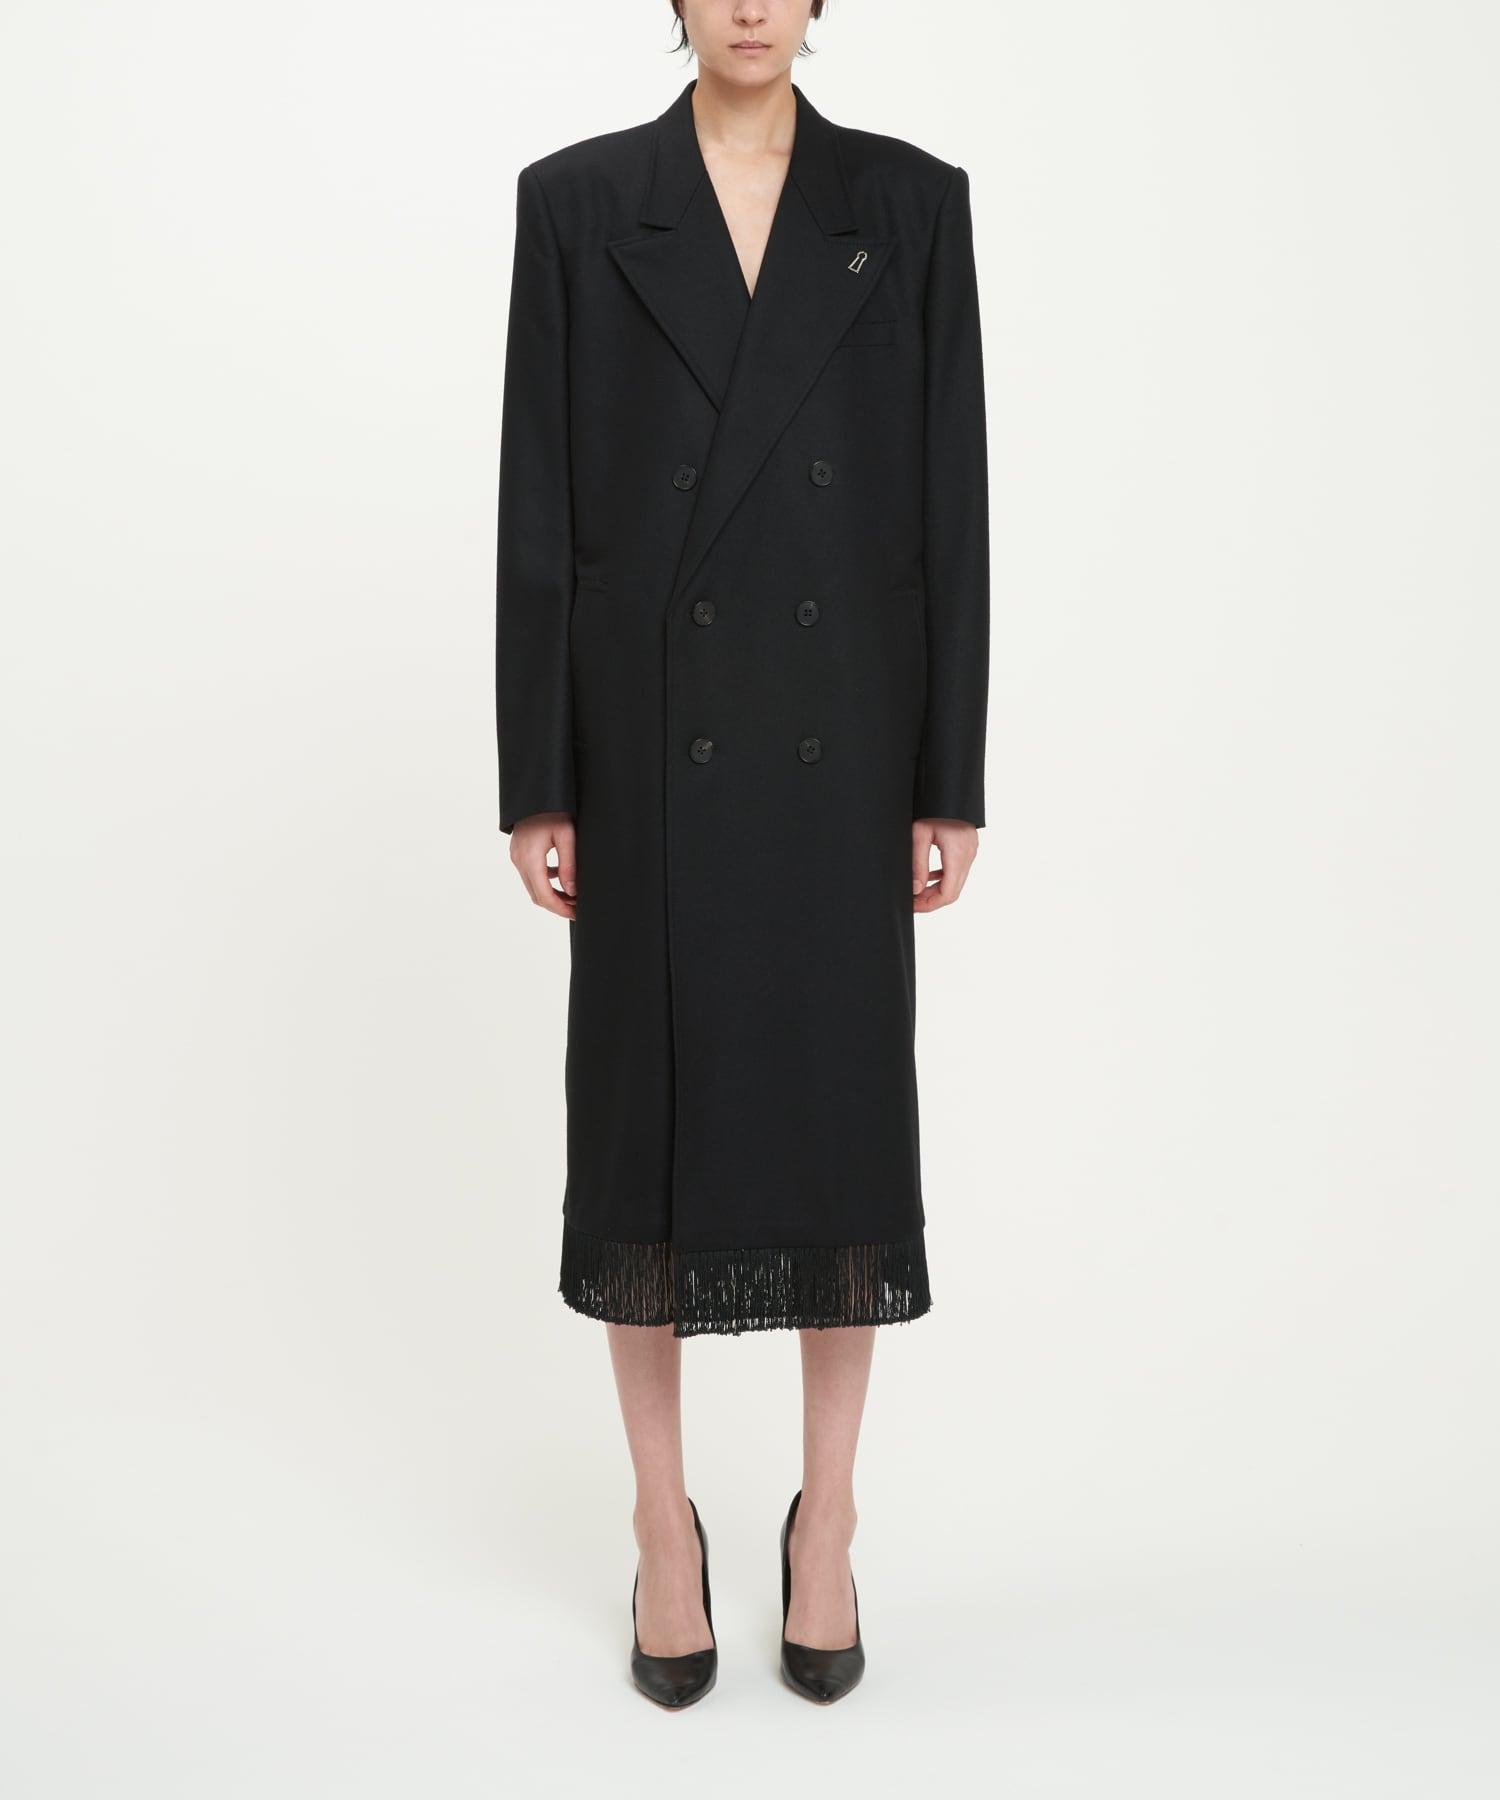 Black Fringe Double-Breasted Coat